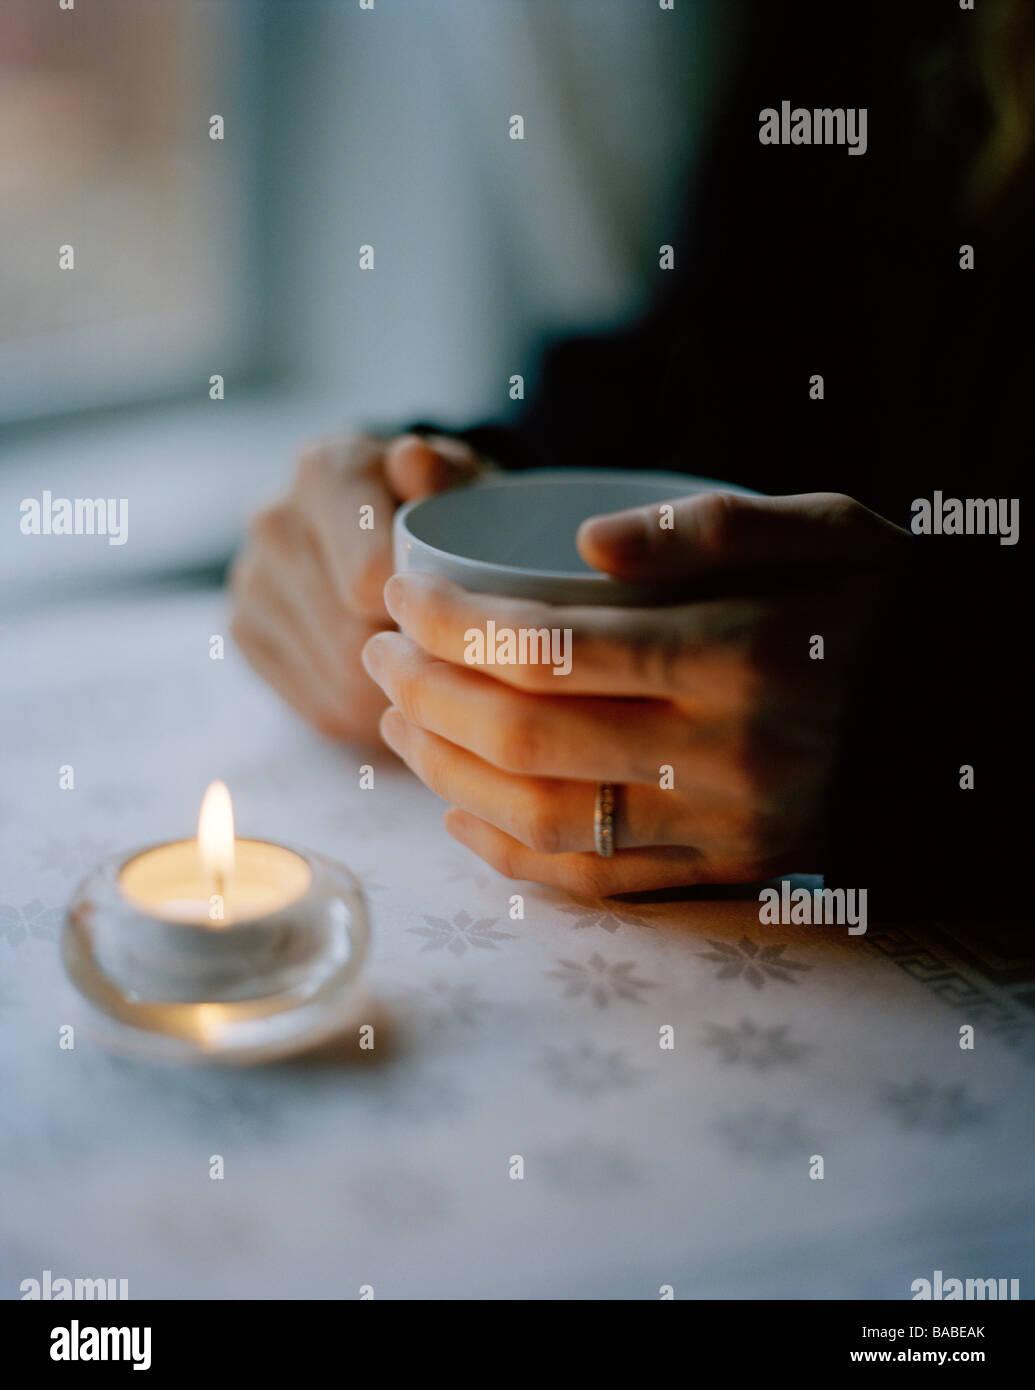 Una mujer sosteniendo una taza de té de Suecia Imagen De Stock